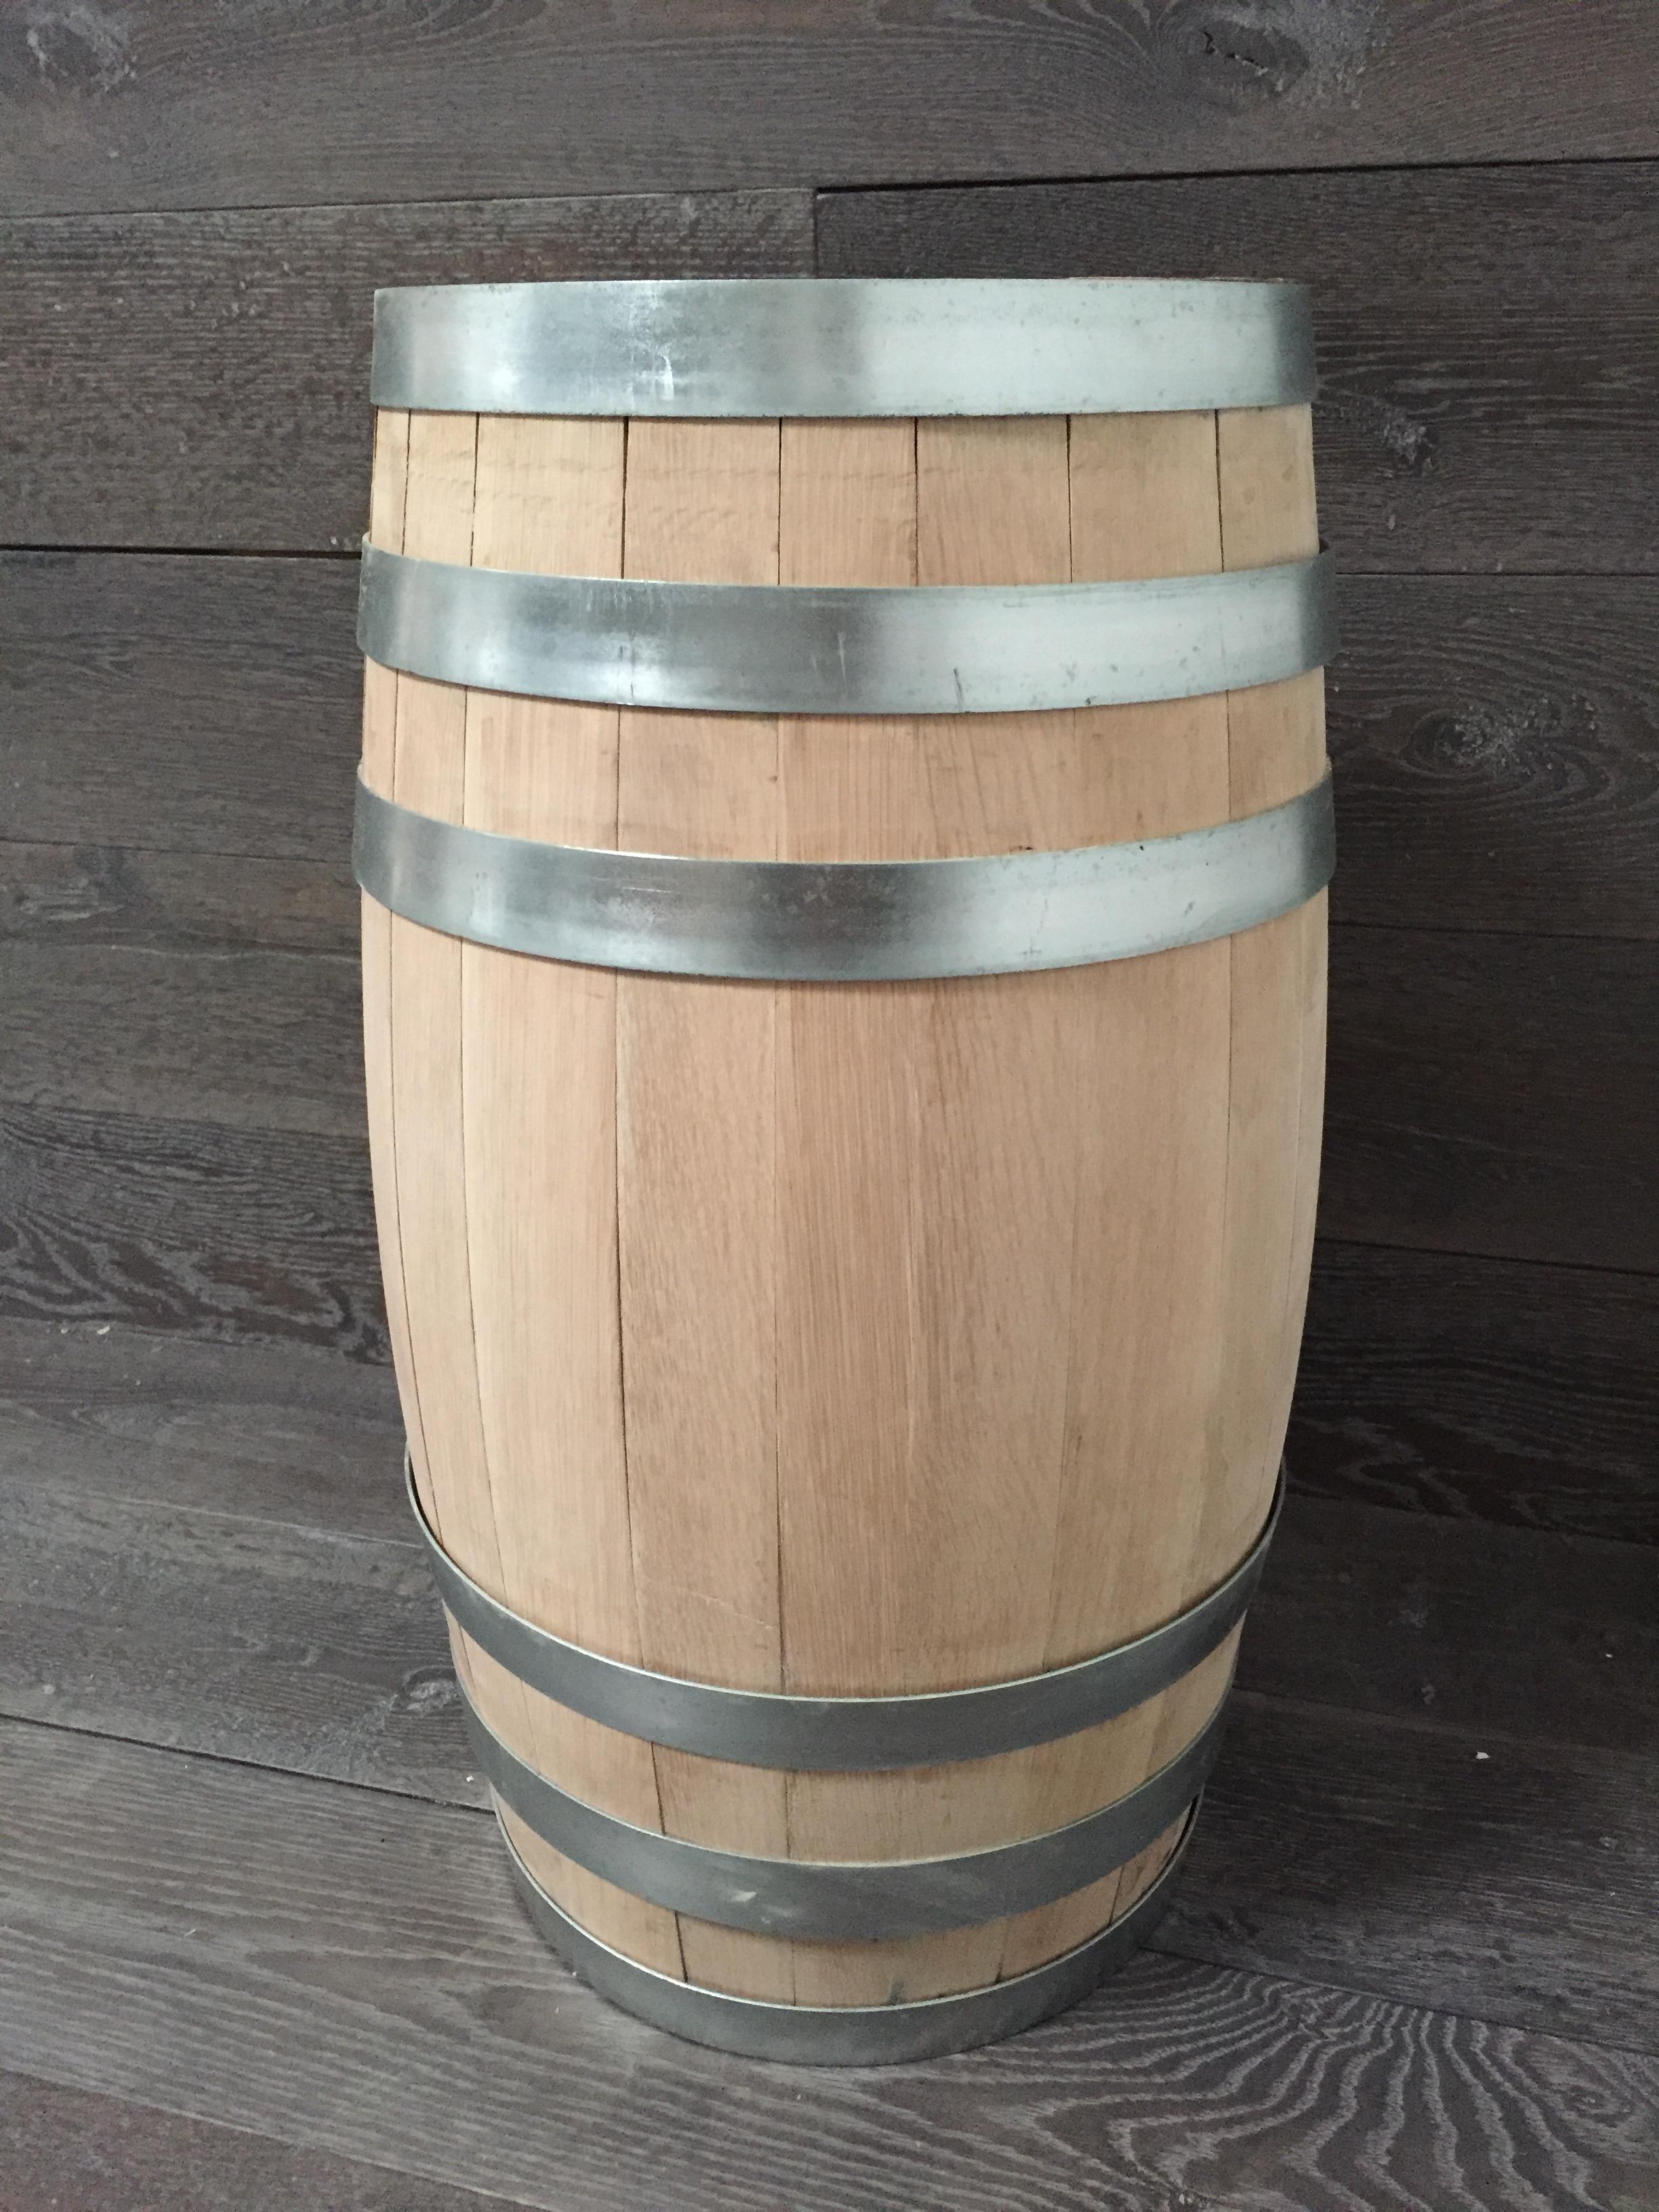 firkin barrels